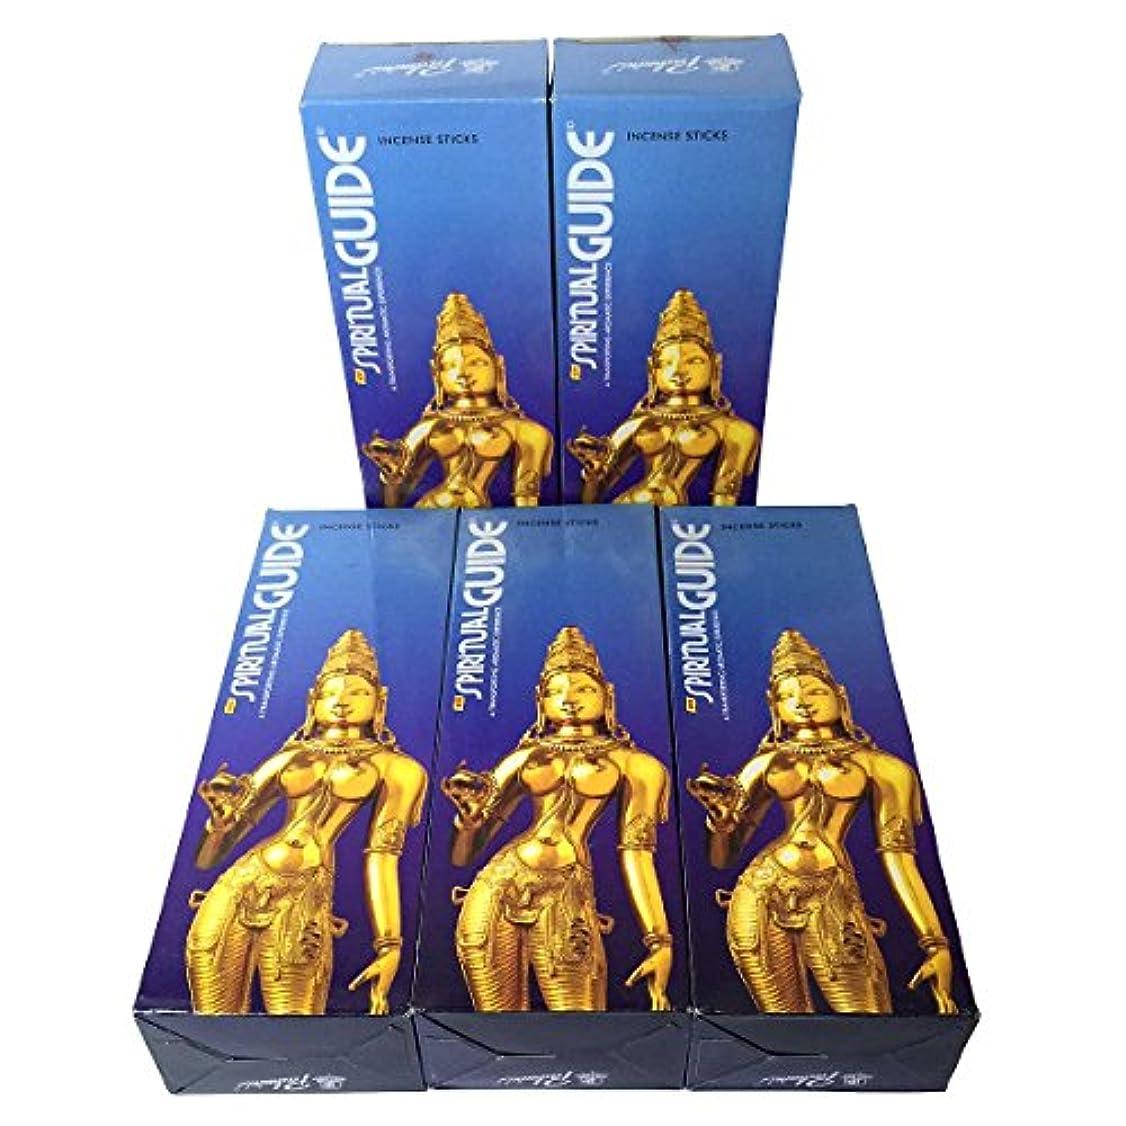 放射する子供時代シェフスピリチュアルガイド香スティック 5BOX(30箱)/PADMINI SPIRITUALGUIDE インド香 / 送料無料 [並行輸入品]